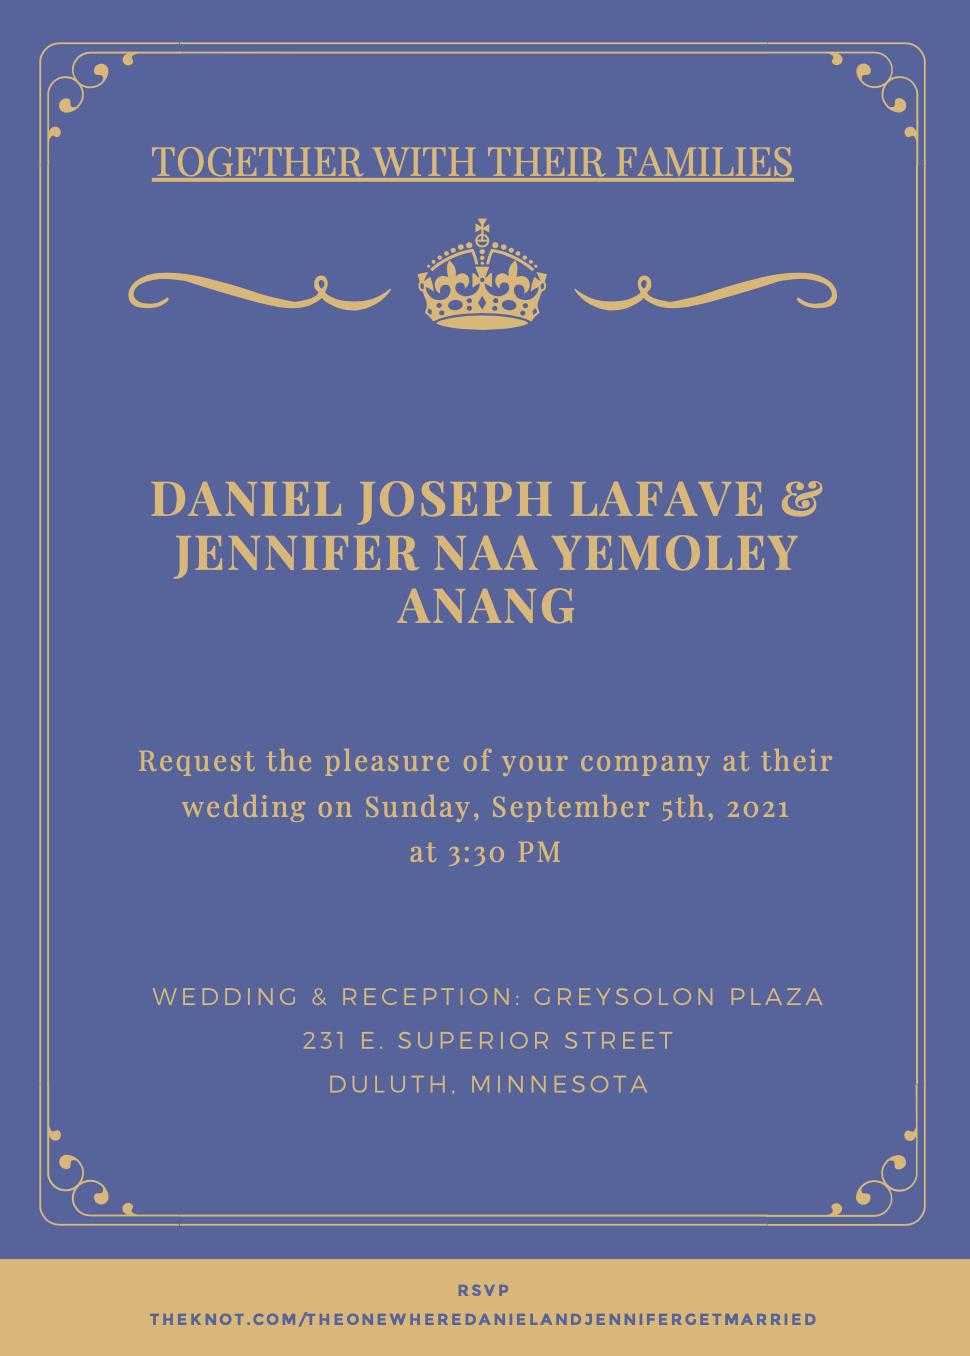 Anang LaFave wedding